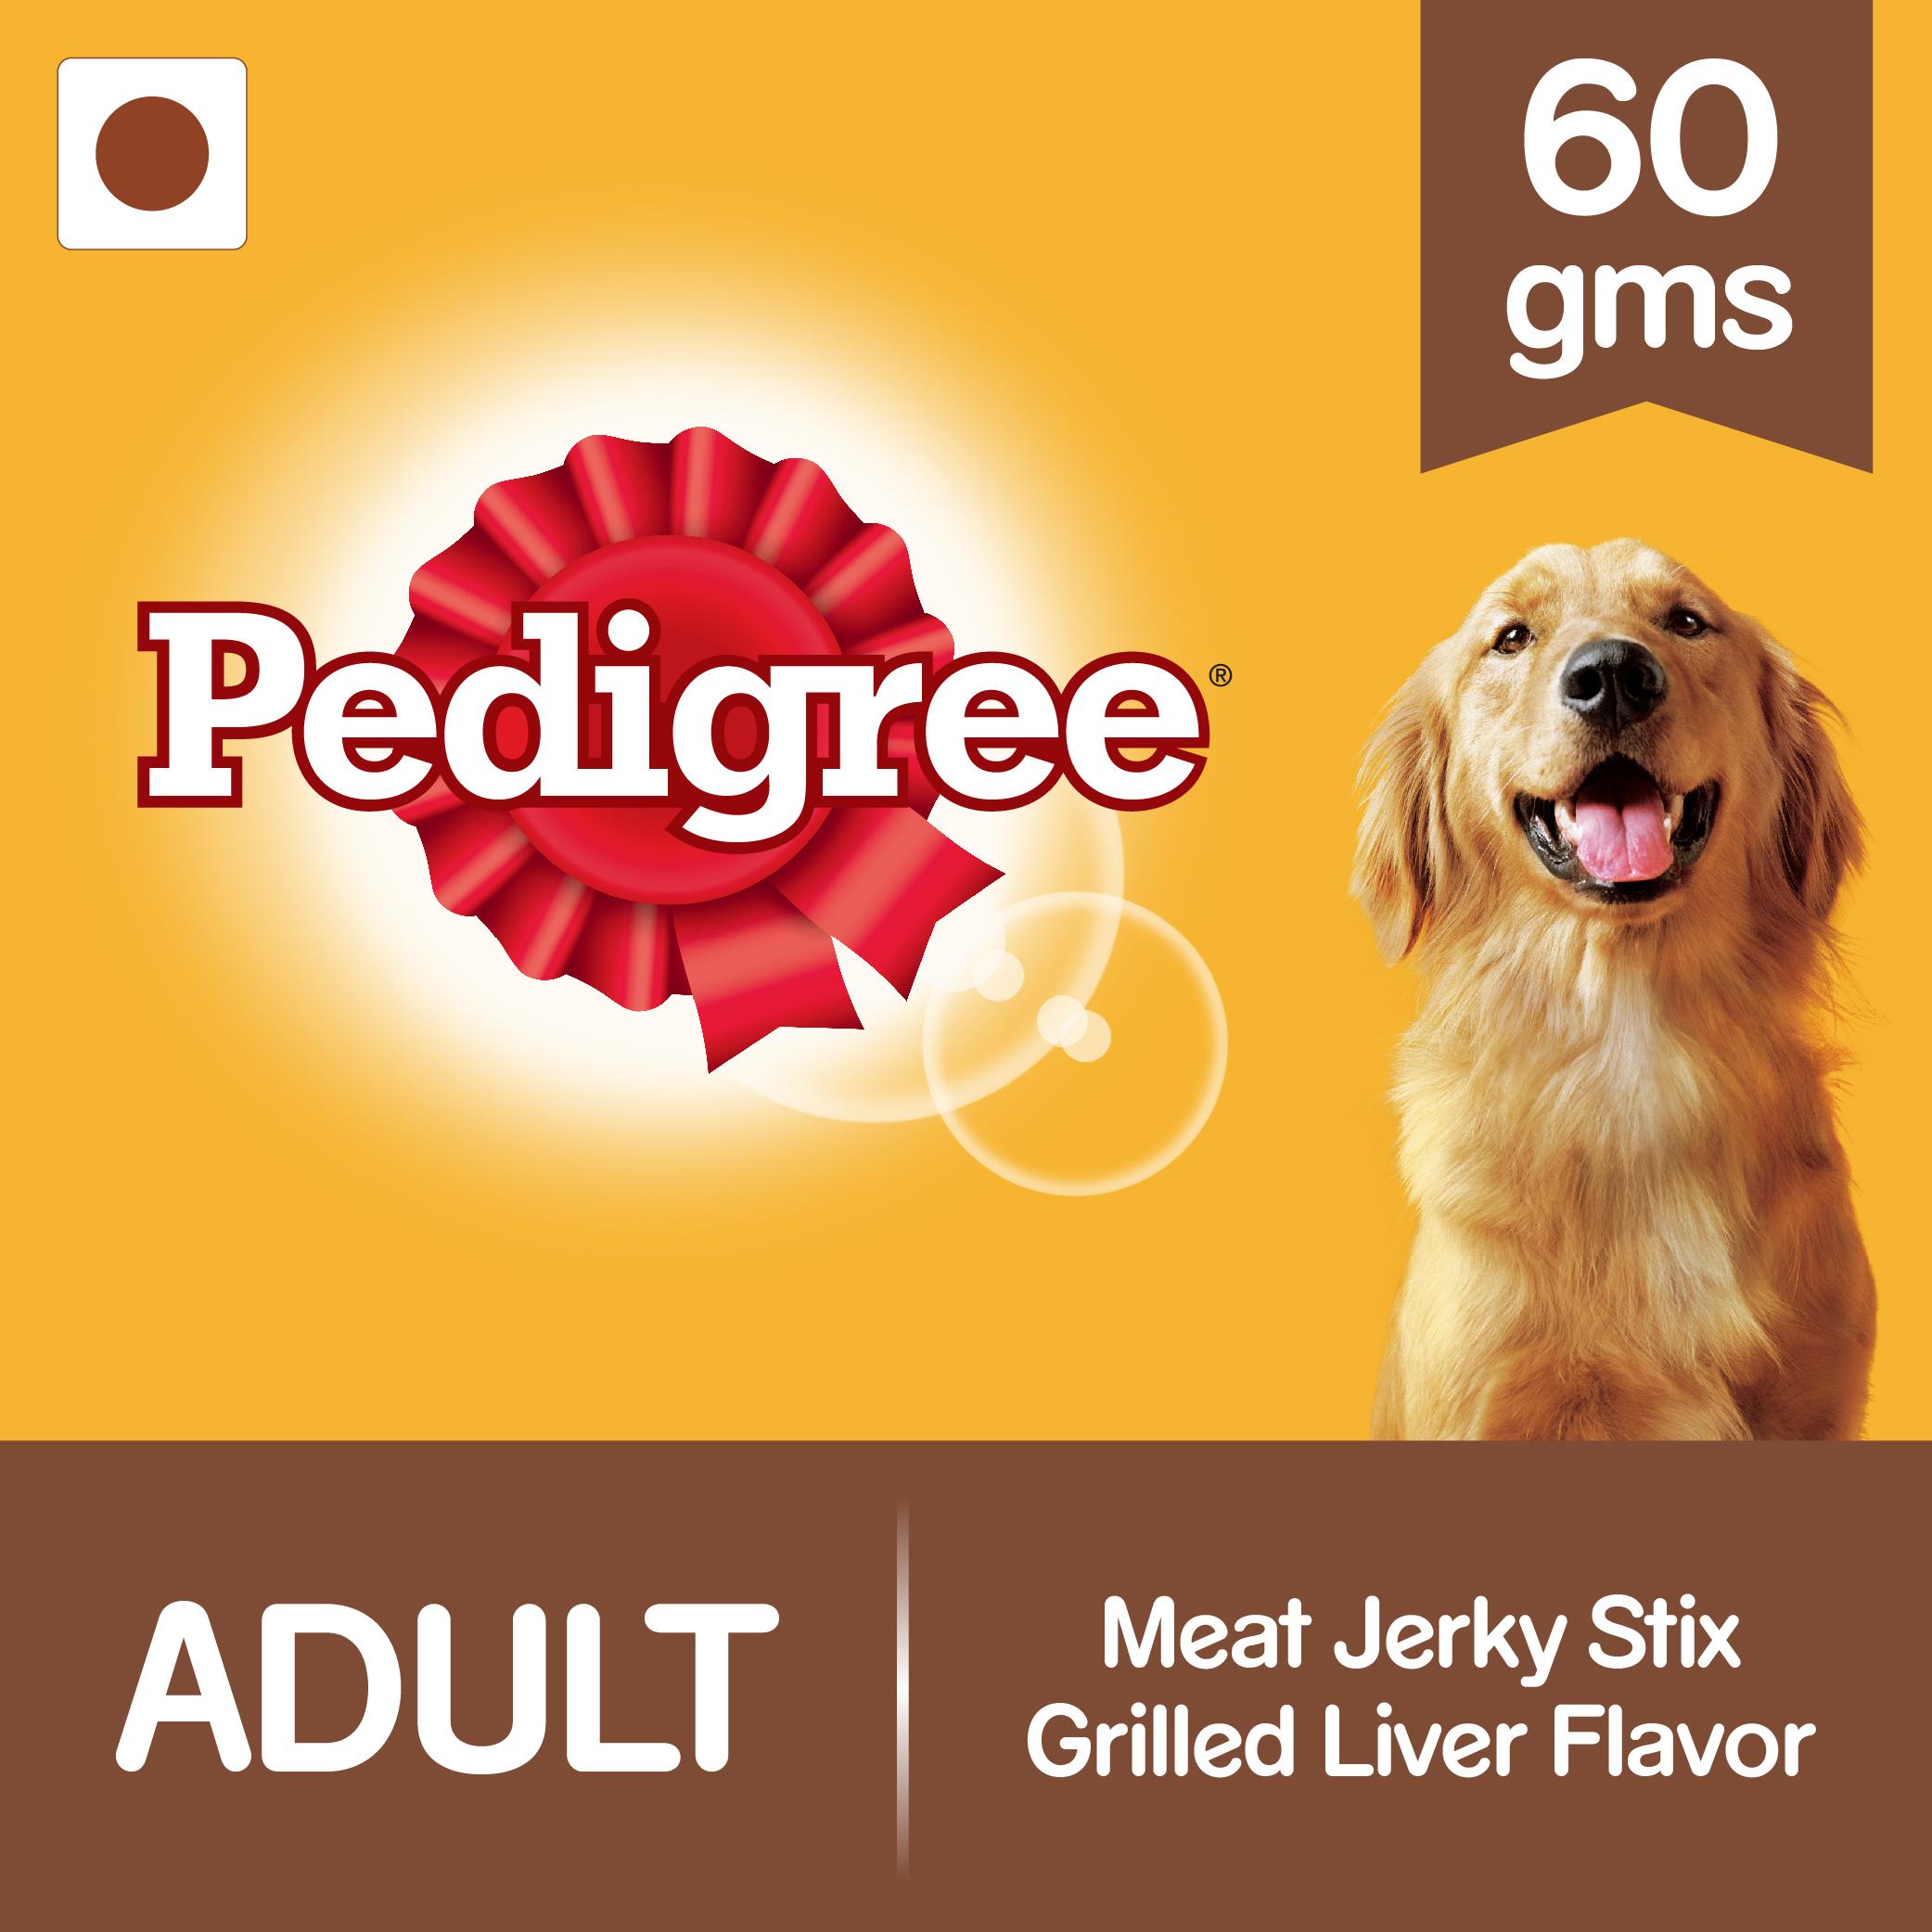 Pedigree Meat Jerky Stix Grilled Liver Flavor - 60 gm (Pack of 12)